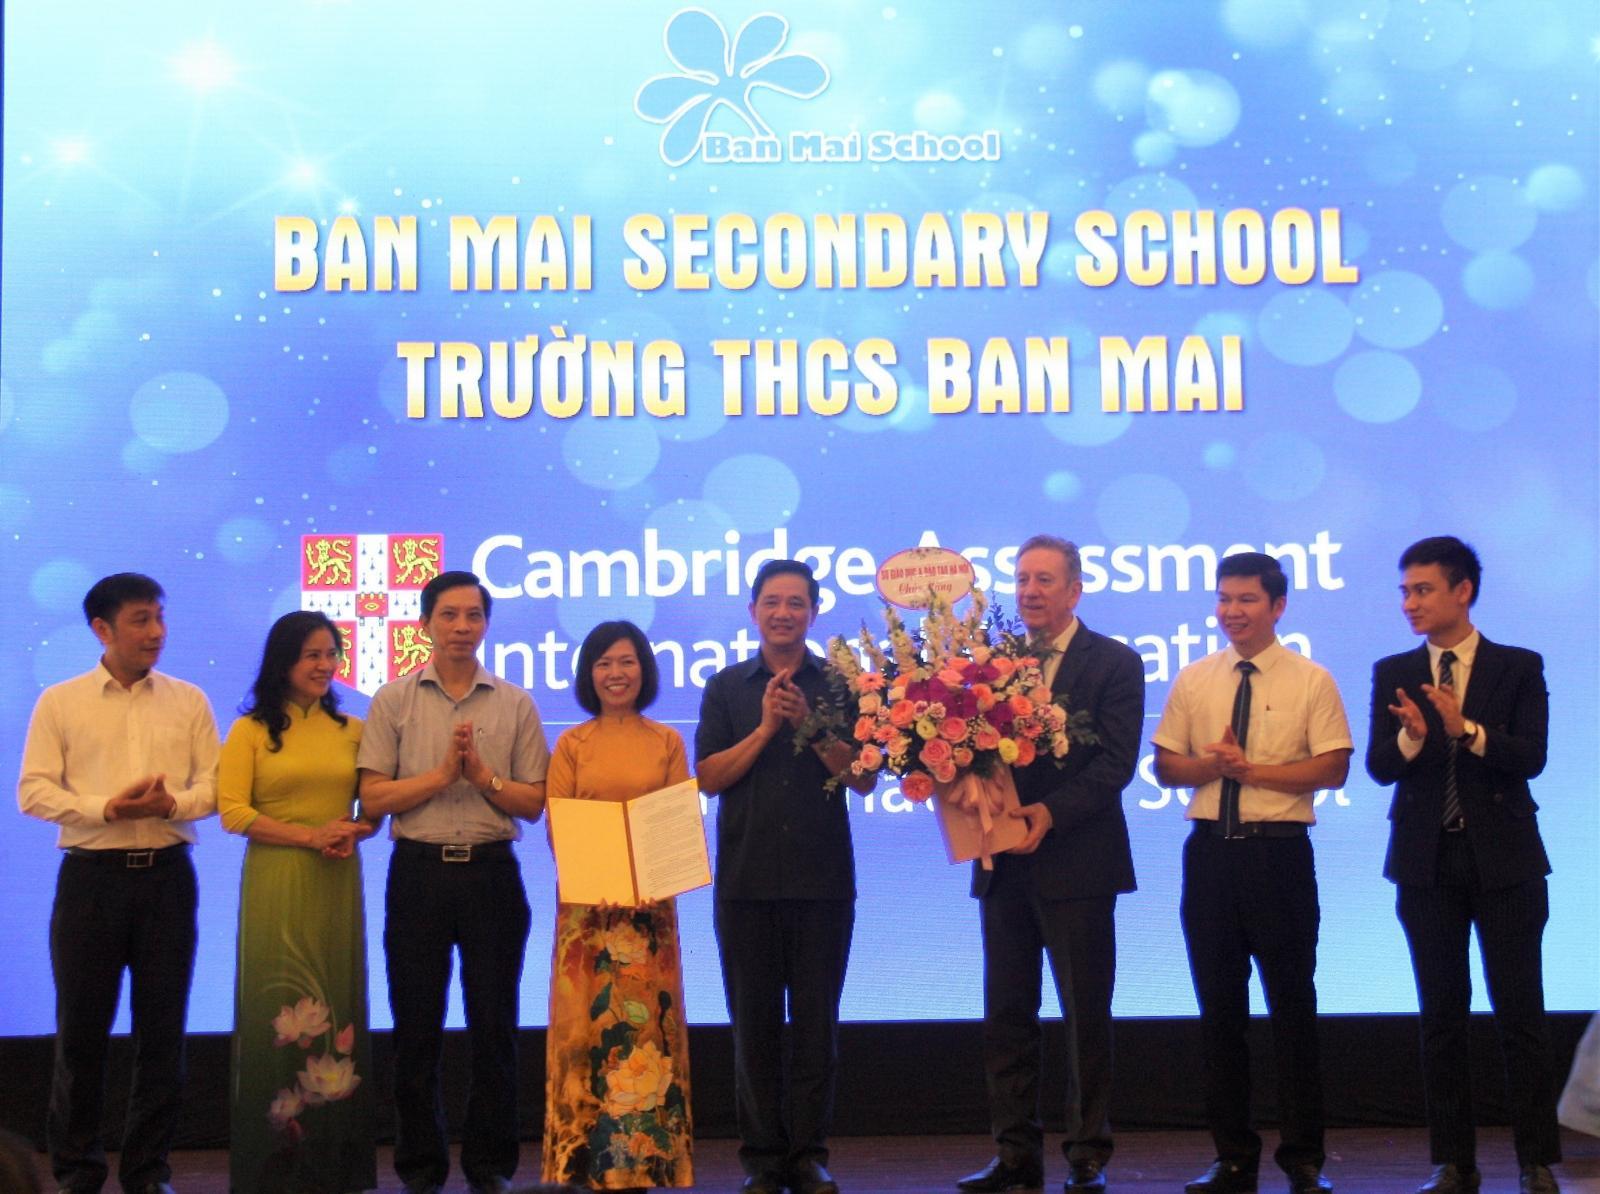 Thêm trường phổ thông Việt Nam gia nhập mạng lưới giáo dục toàn cầu của Cambridge